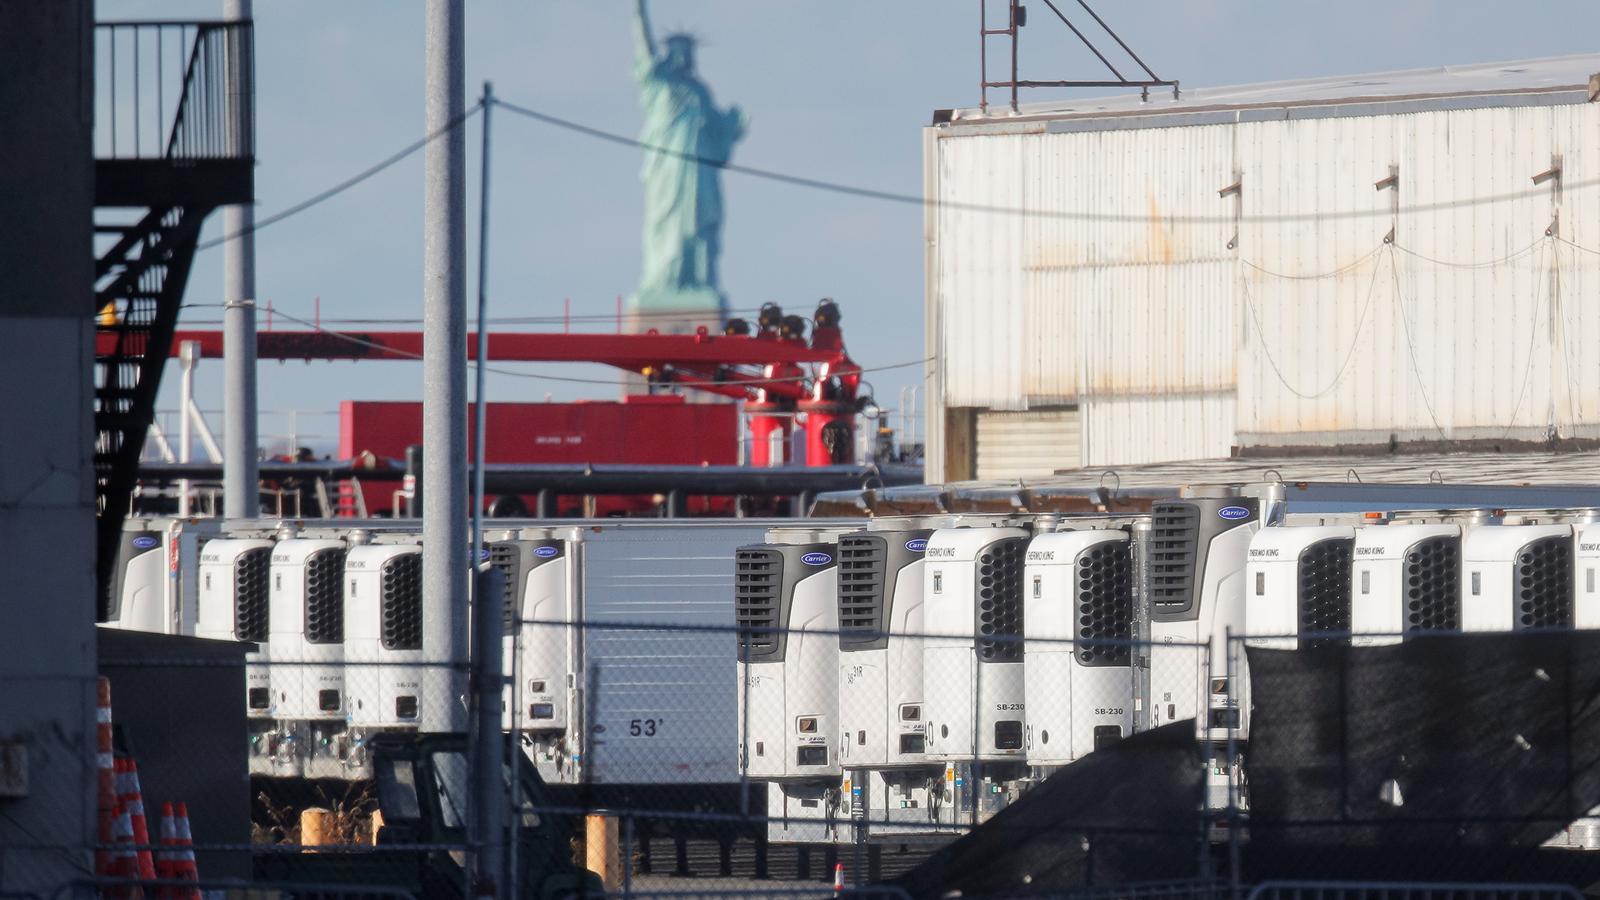 Camions refrigedador amb centenars de cadàvers acumulats pel covid-19 a Nova York.